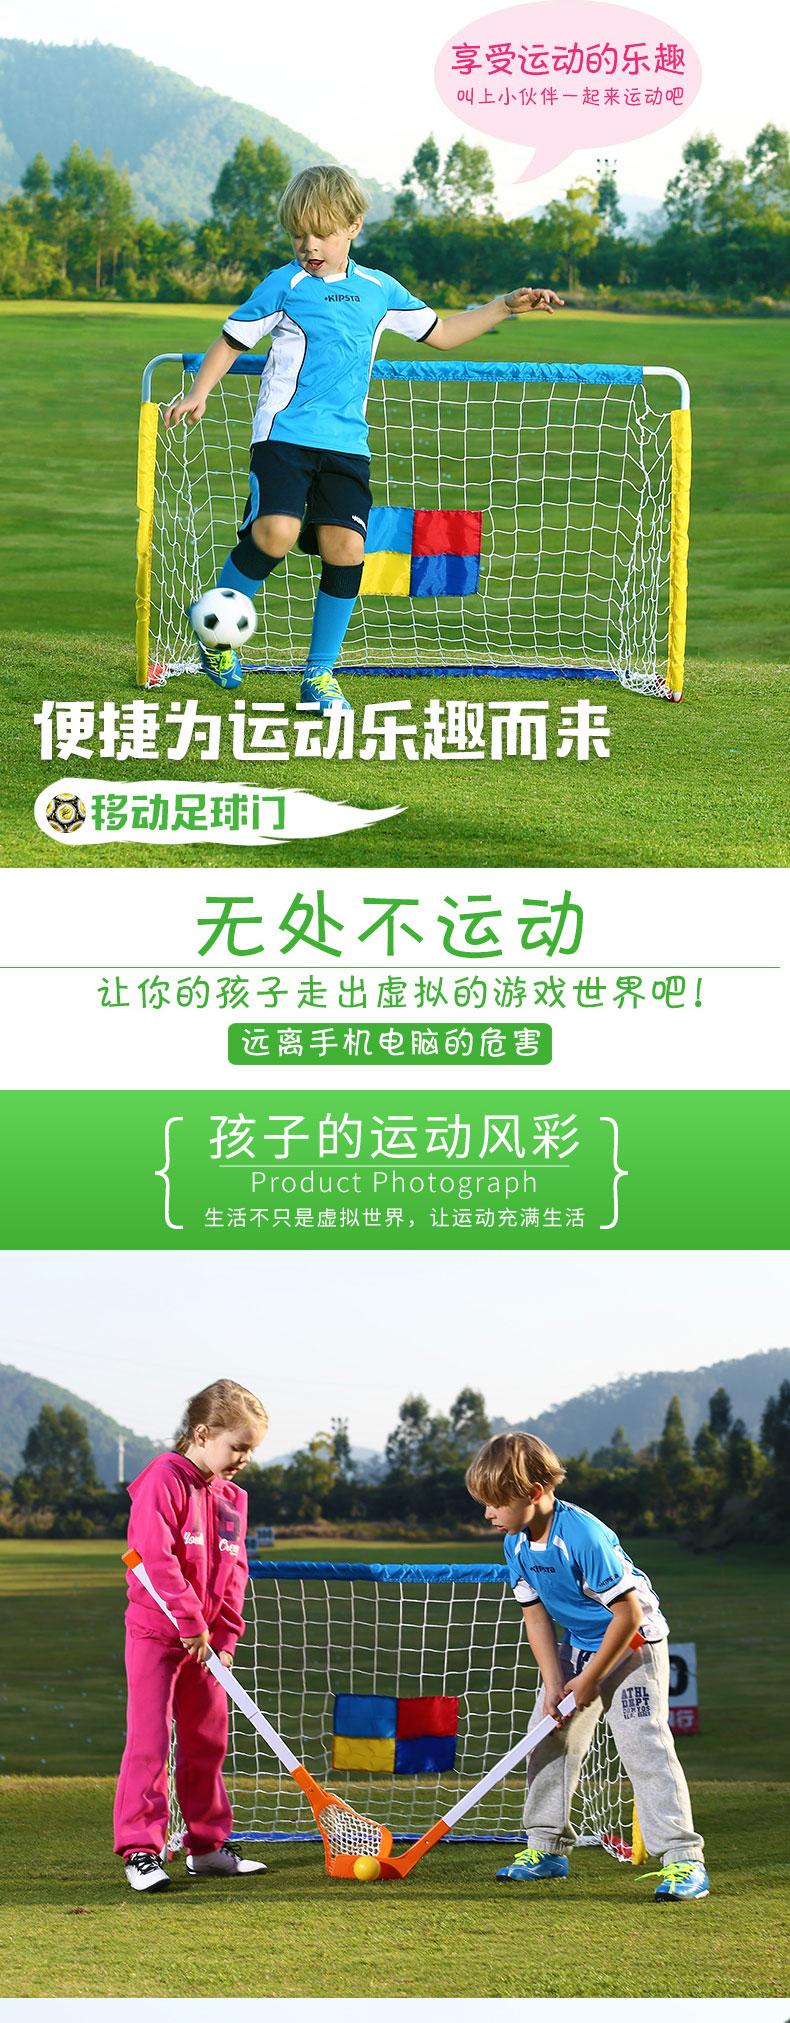 儿童足球门家用户外三人四人七人11人五人制幼儿园训练比赛足球架-tmall_01.jpg